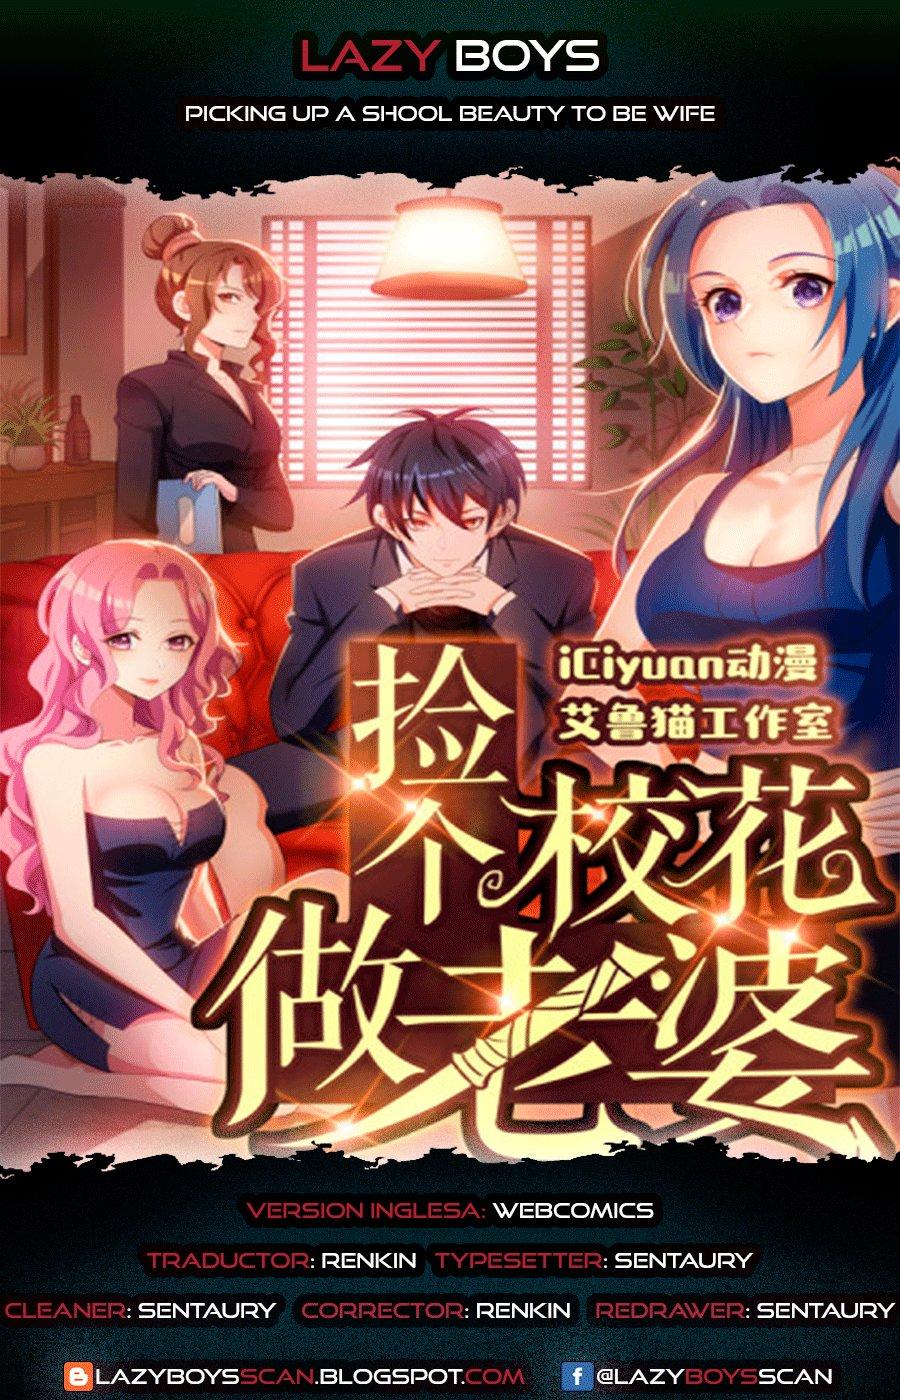 https://nine.mangadogs.com/es_manga/pic8/13/34701/937406/3ea134ef59ab3572f29ad70fa038611b.jpg Page 1